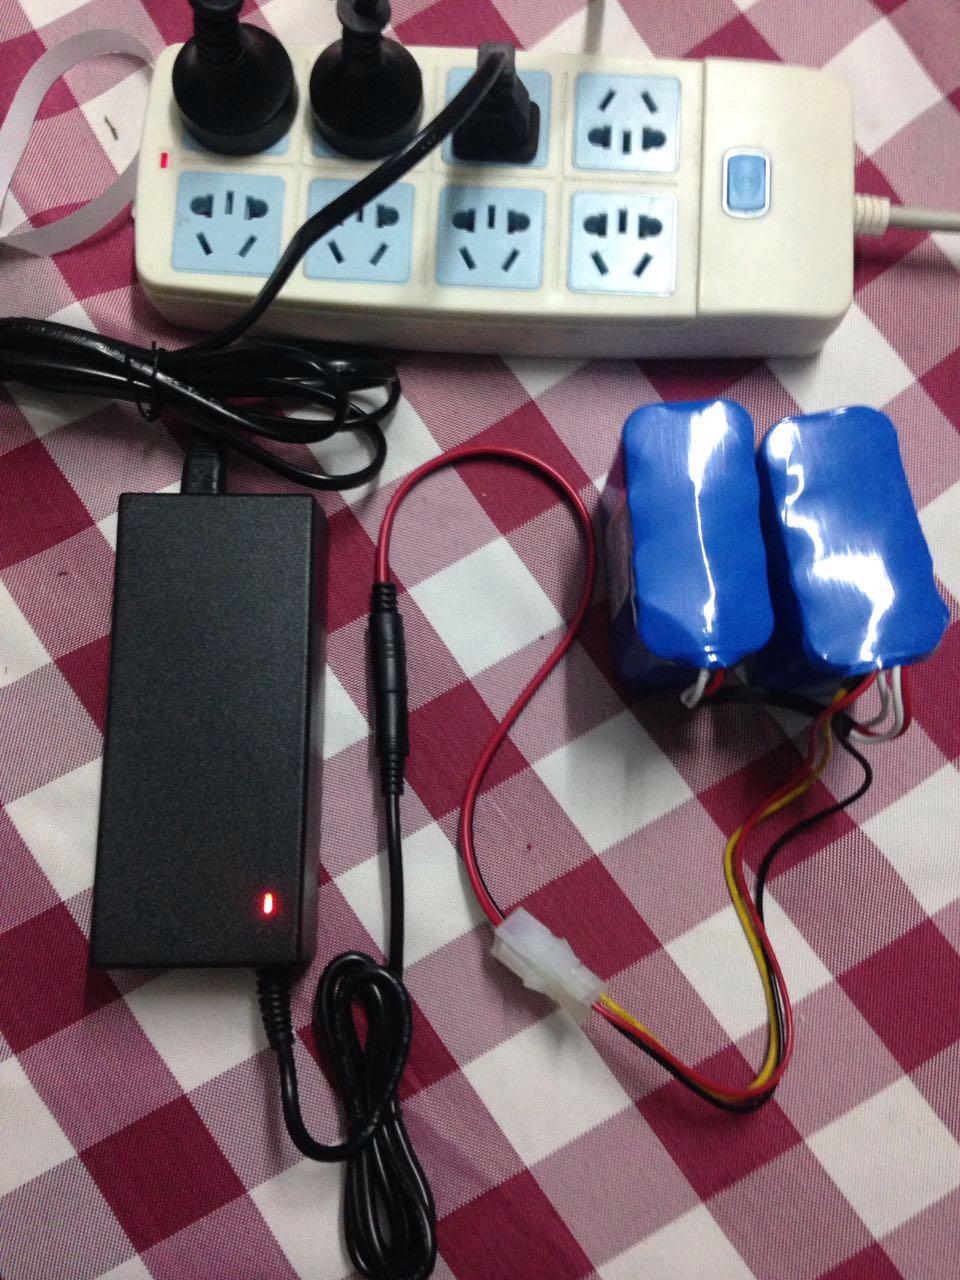 Yujin Robot Kobuki Turtlebot2 batterij Aangepaste speciale oplader voor 2200 mah 4400 mah 10400 mah Turtlebot2 batterij-in slimme afstandsbediening van Consumentenelektronica op  Groep 1